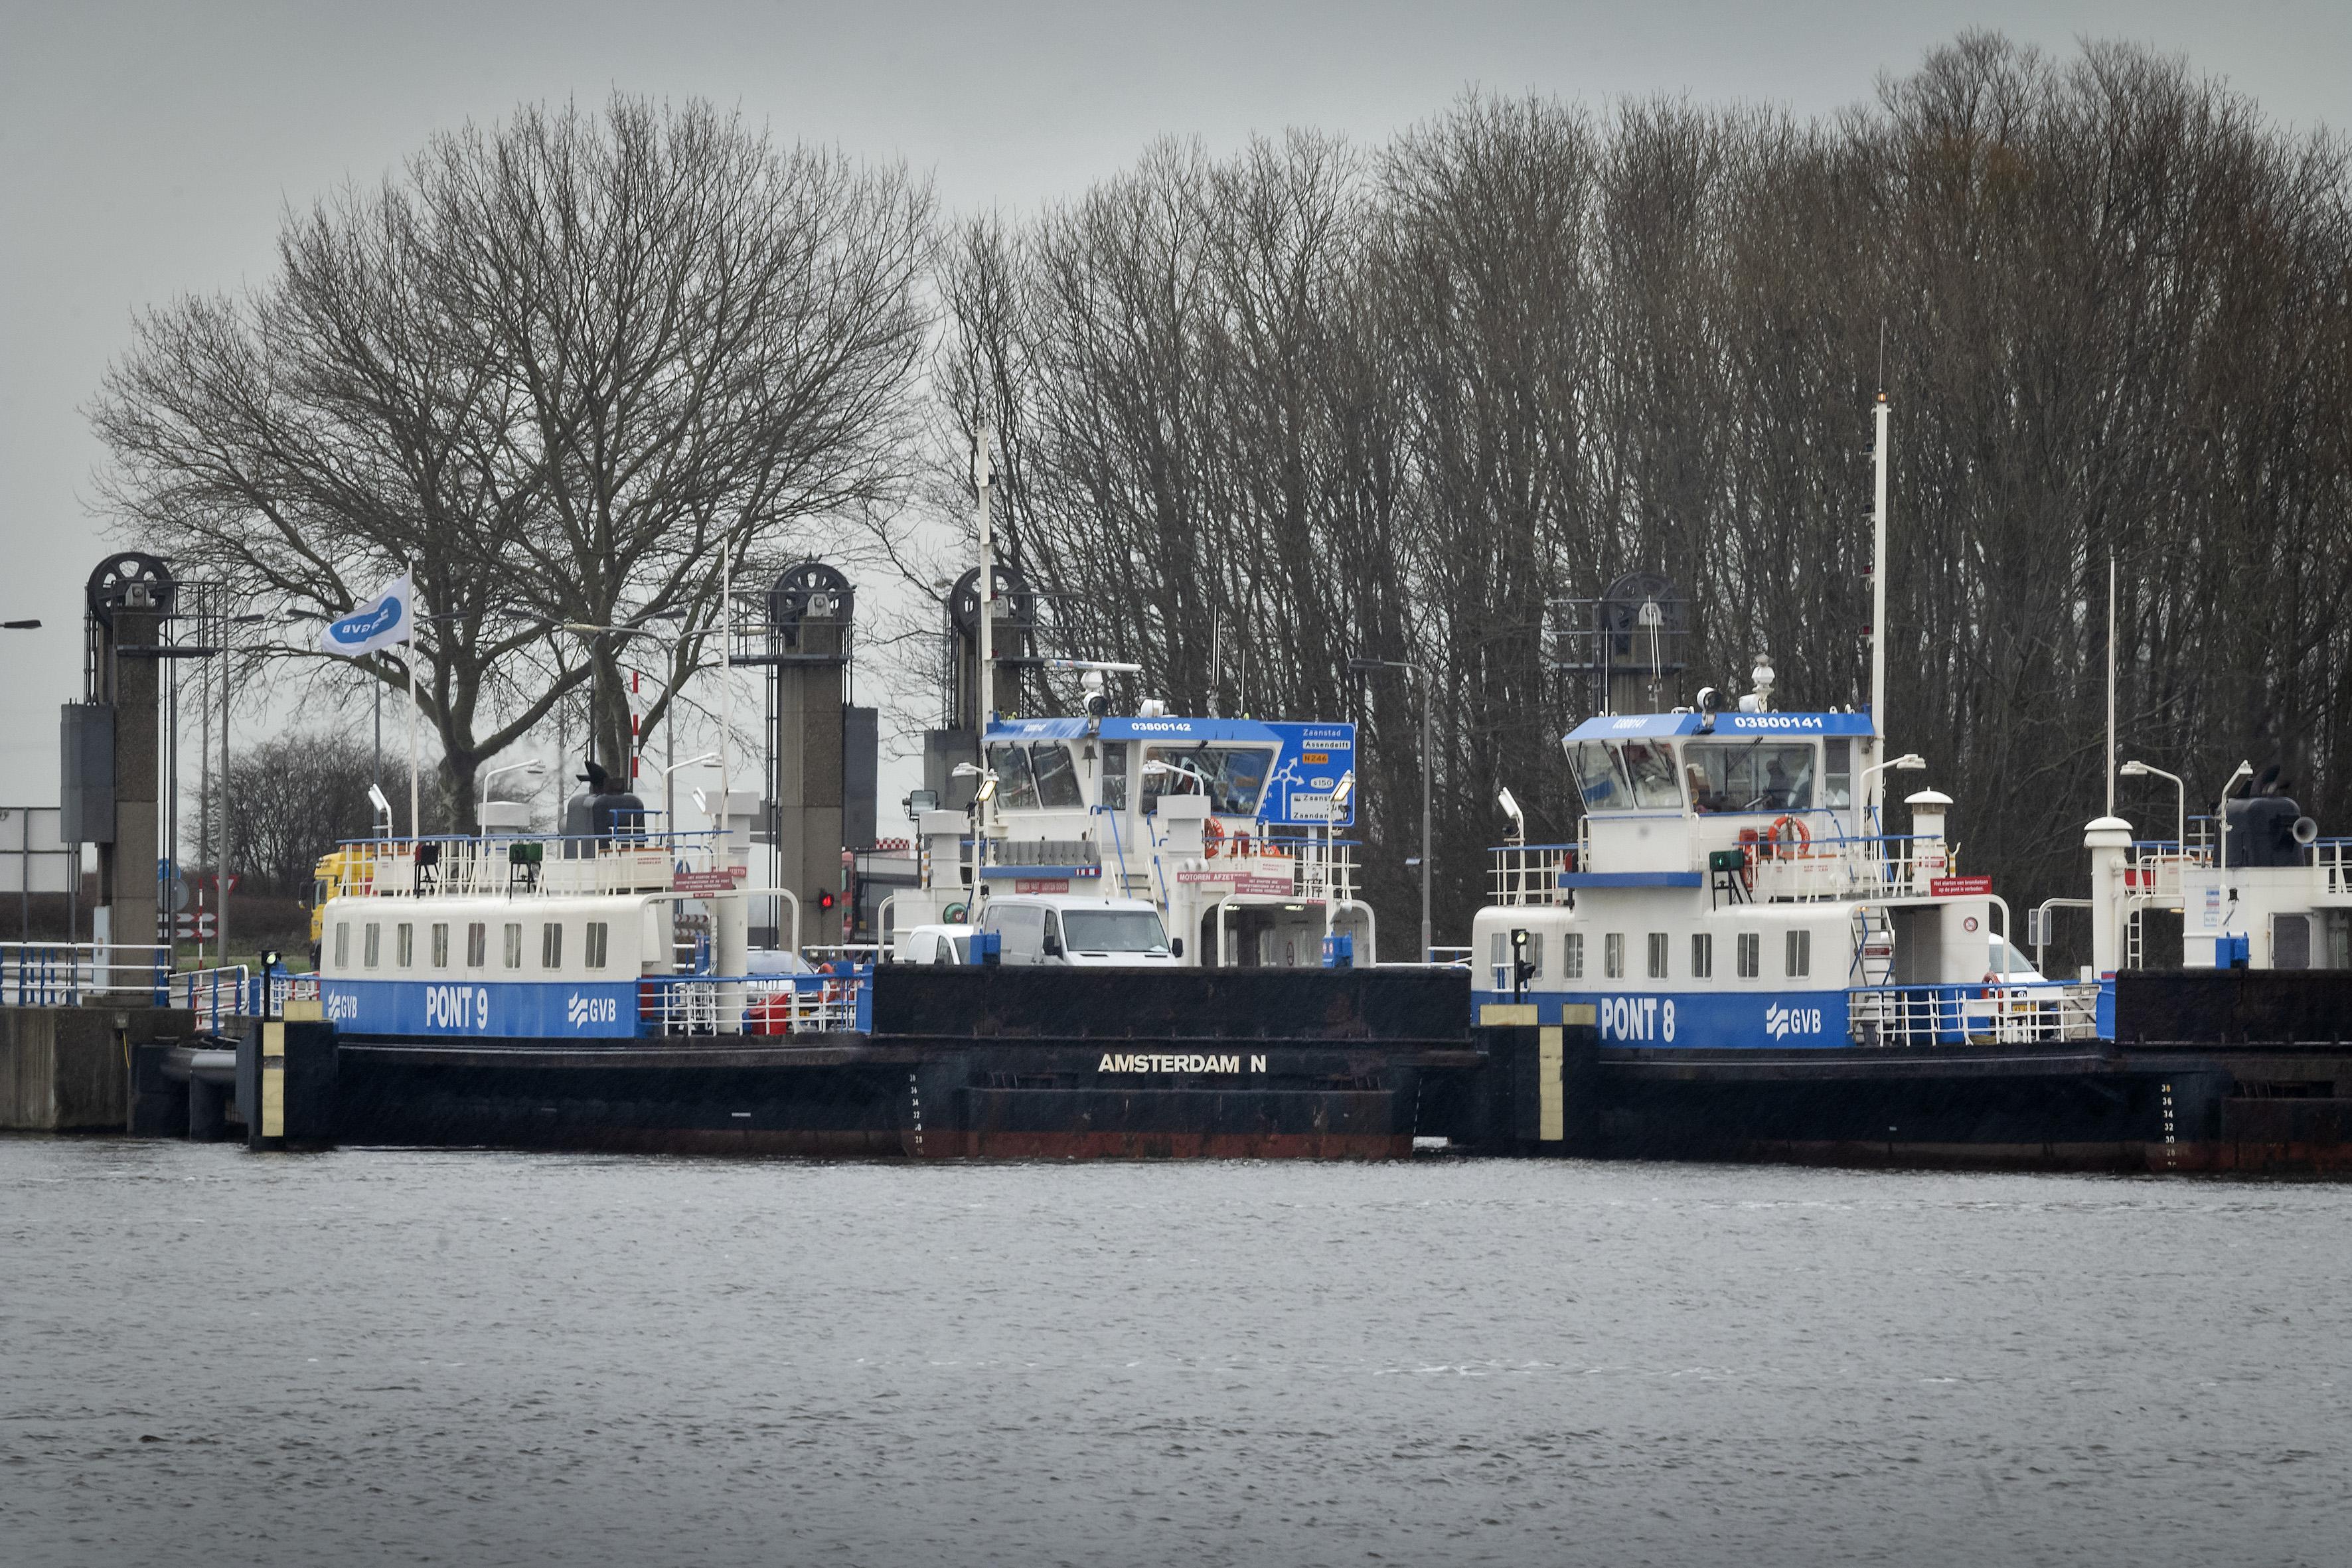 Oude Noorzeekanaalponten steunen en kraken. Vorige week was het een week lang raak in Buitenhuizen. GVB: 'We moeten roeien met de riemen die we hebben'